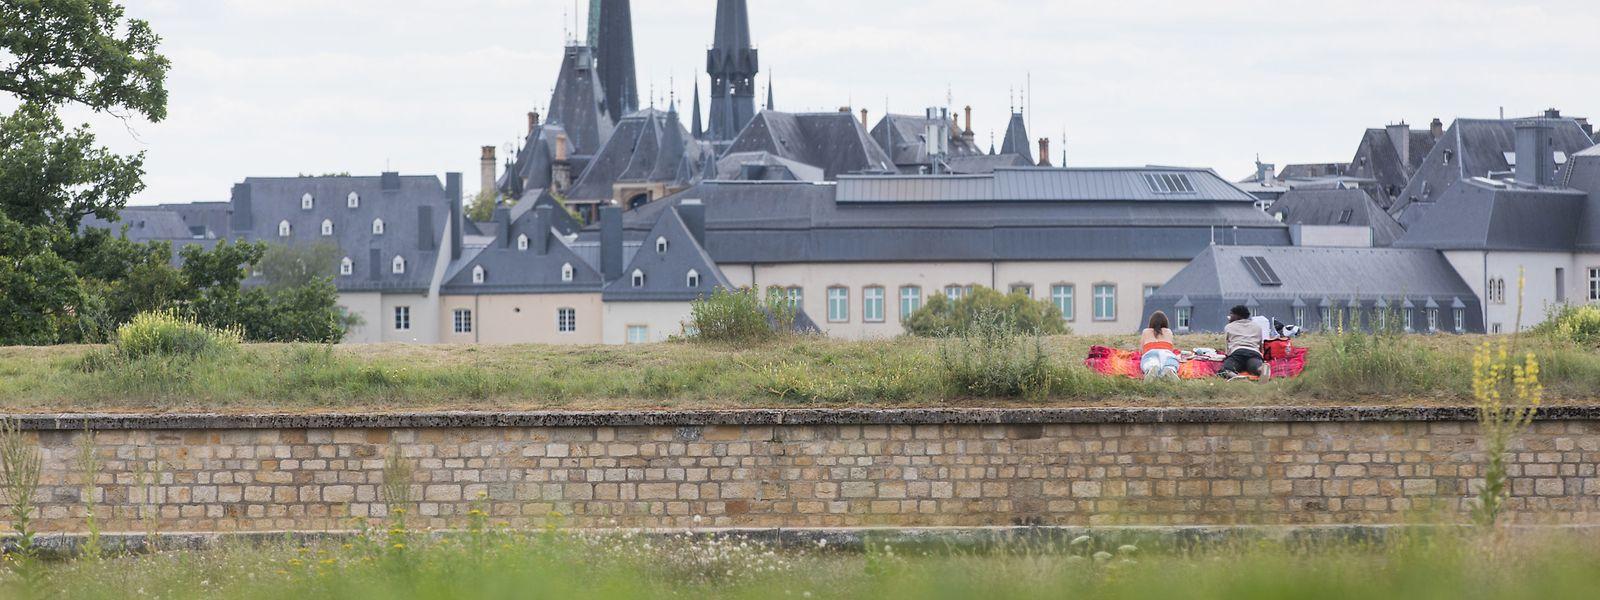 Der Panorama-Blick von den Dräi Eechelen zieht in diesem Jahr besonders viele Menschen an.